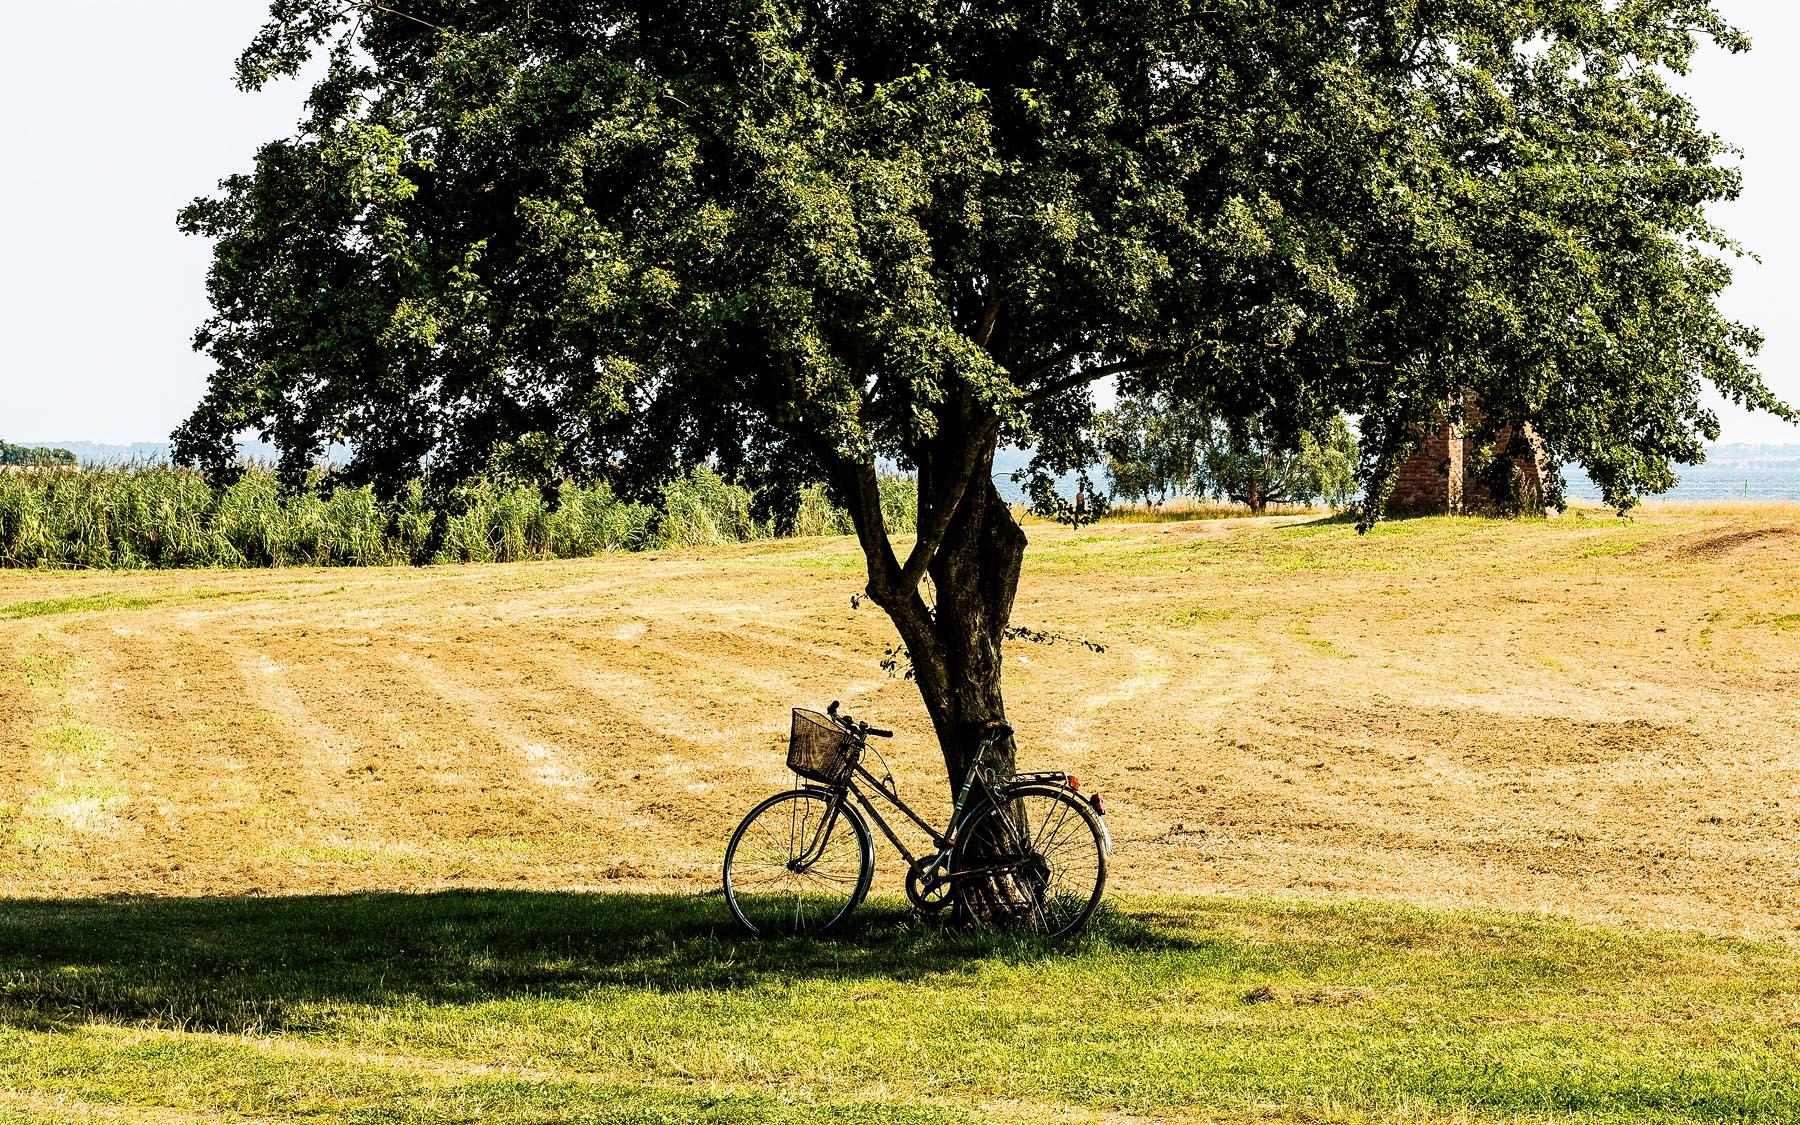 Bike in field by tree